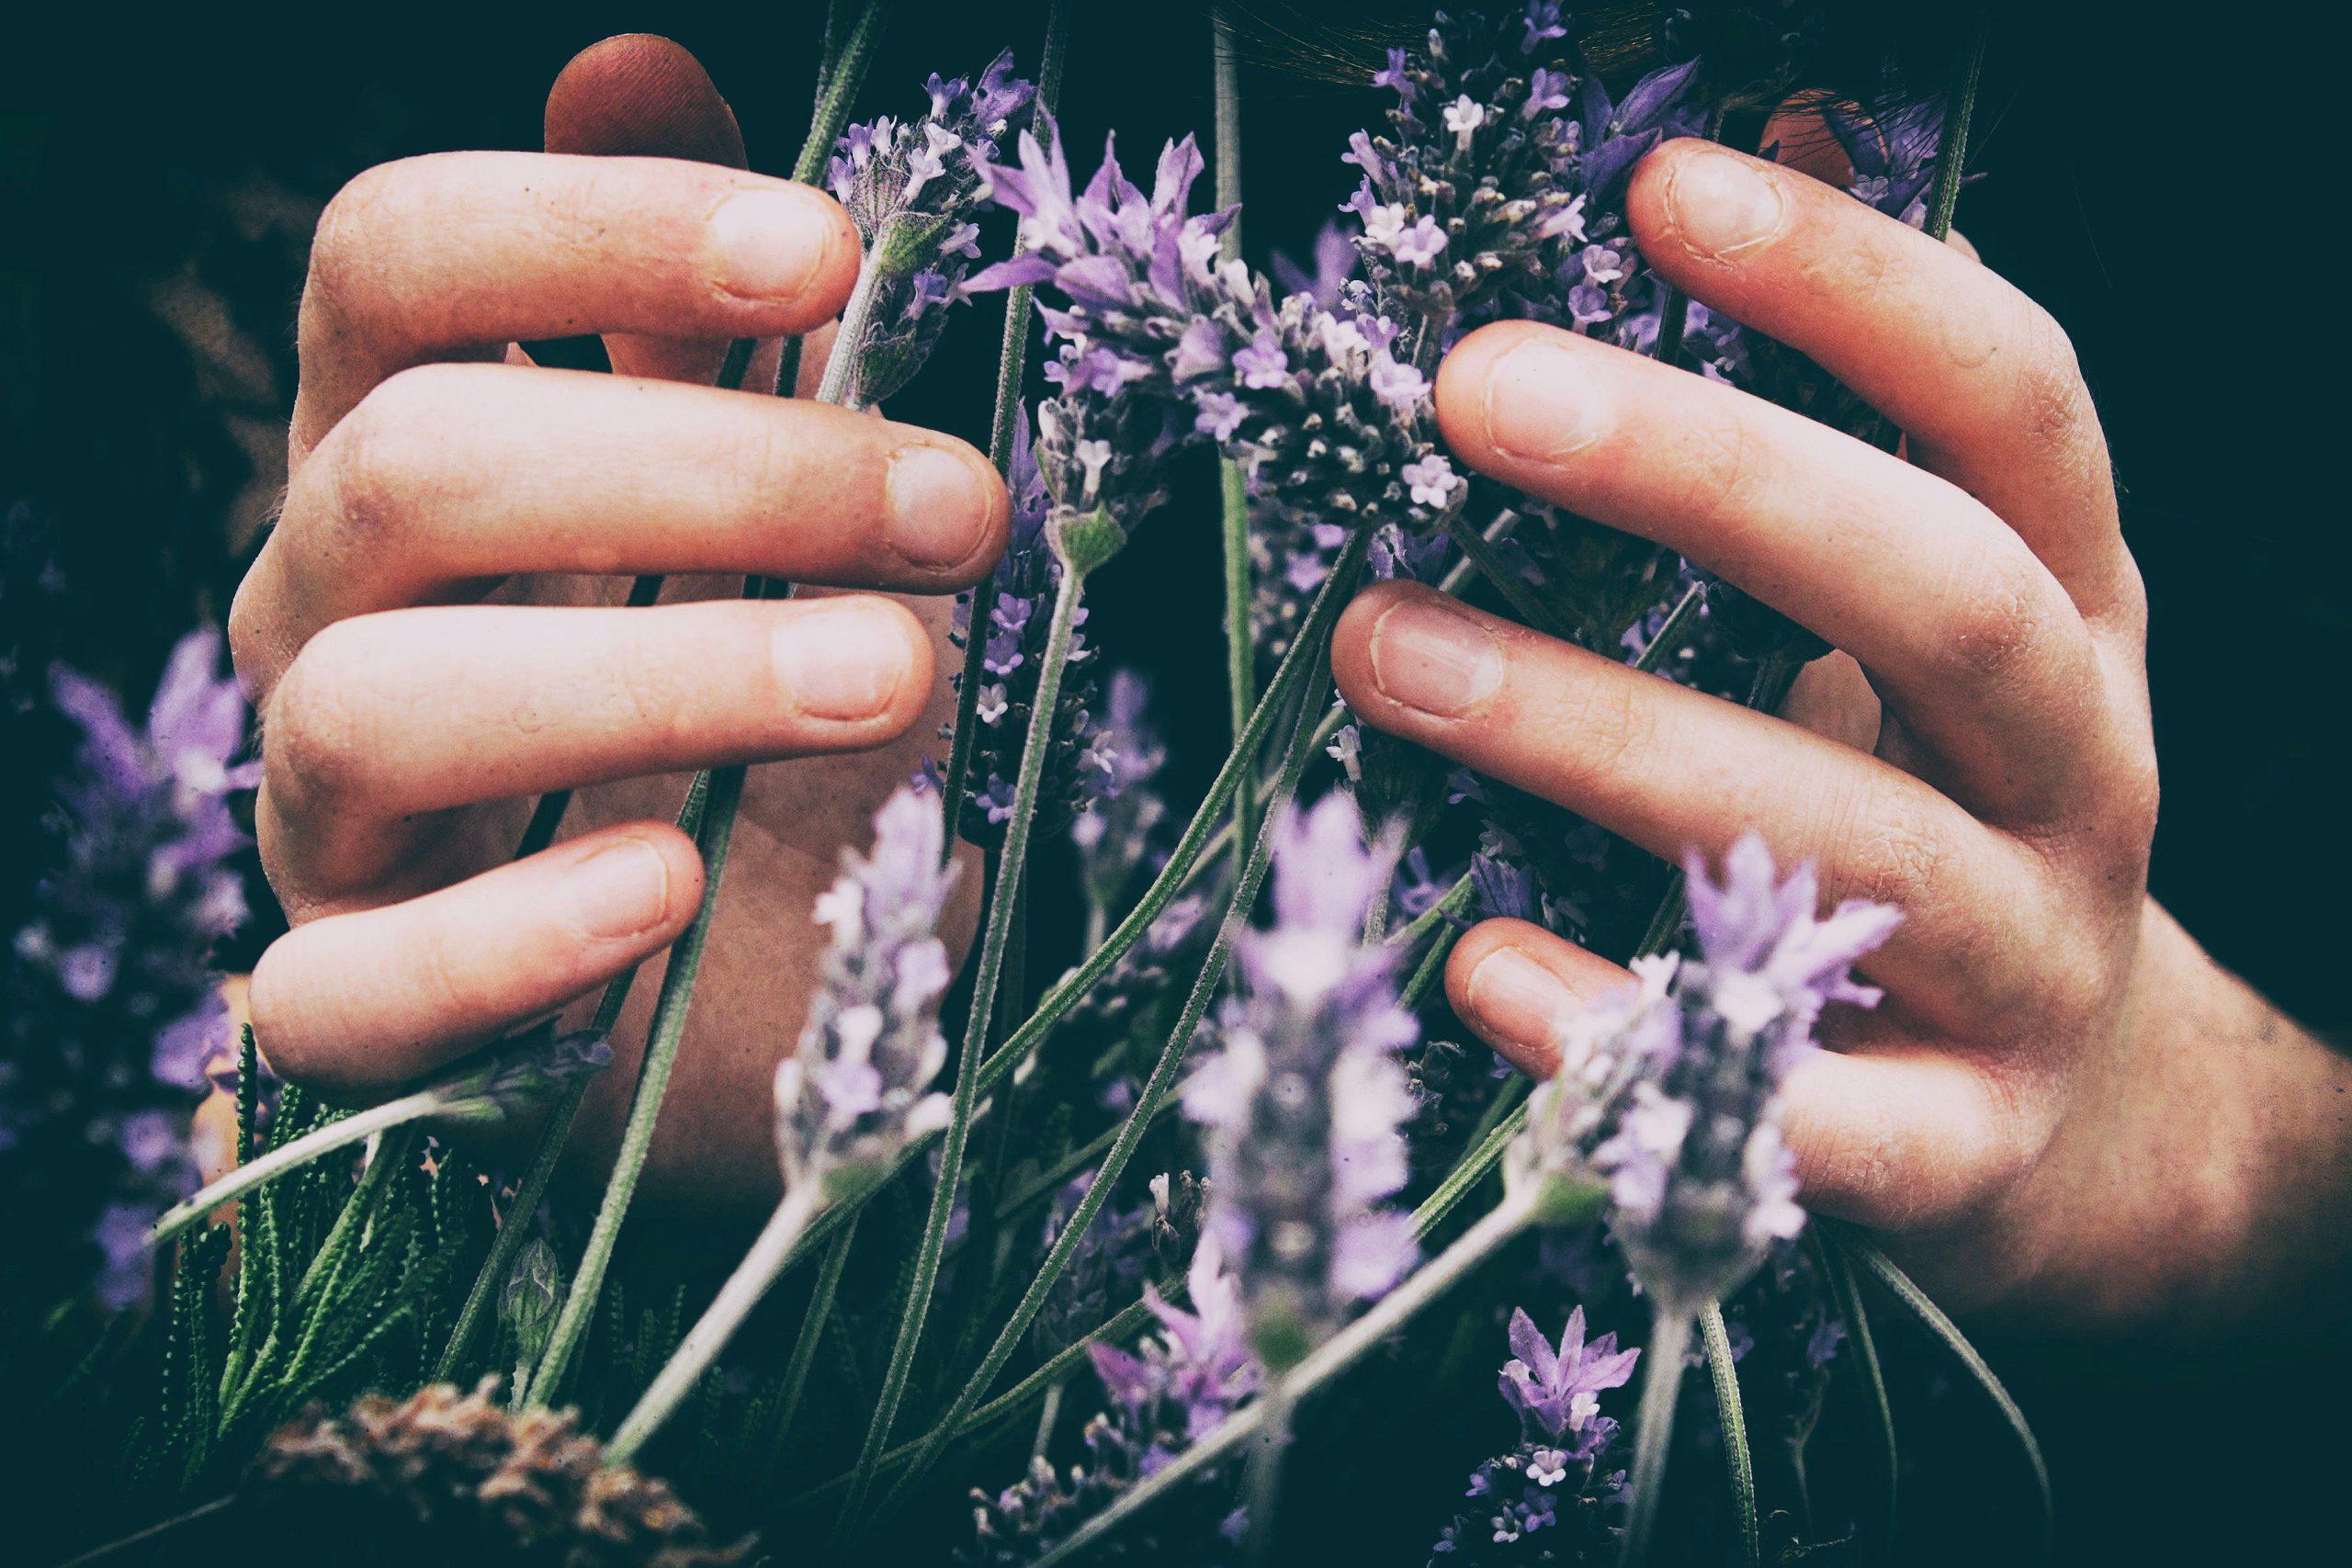 Photo by Vero Photoart on Unsplash